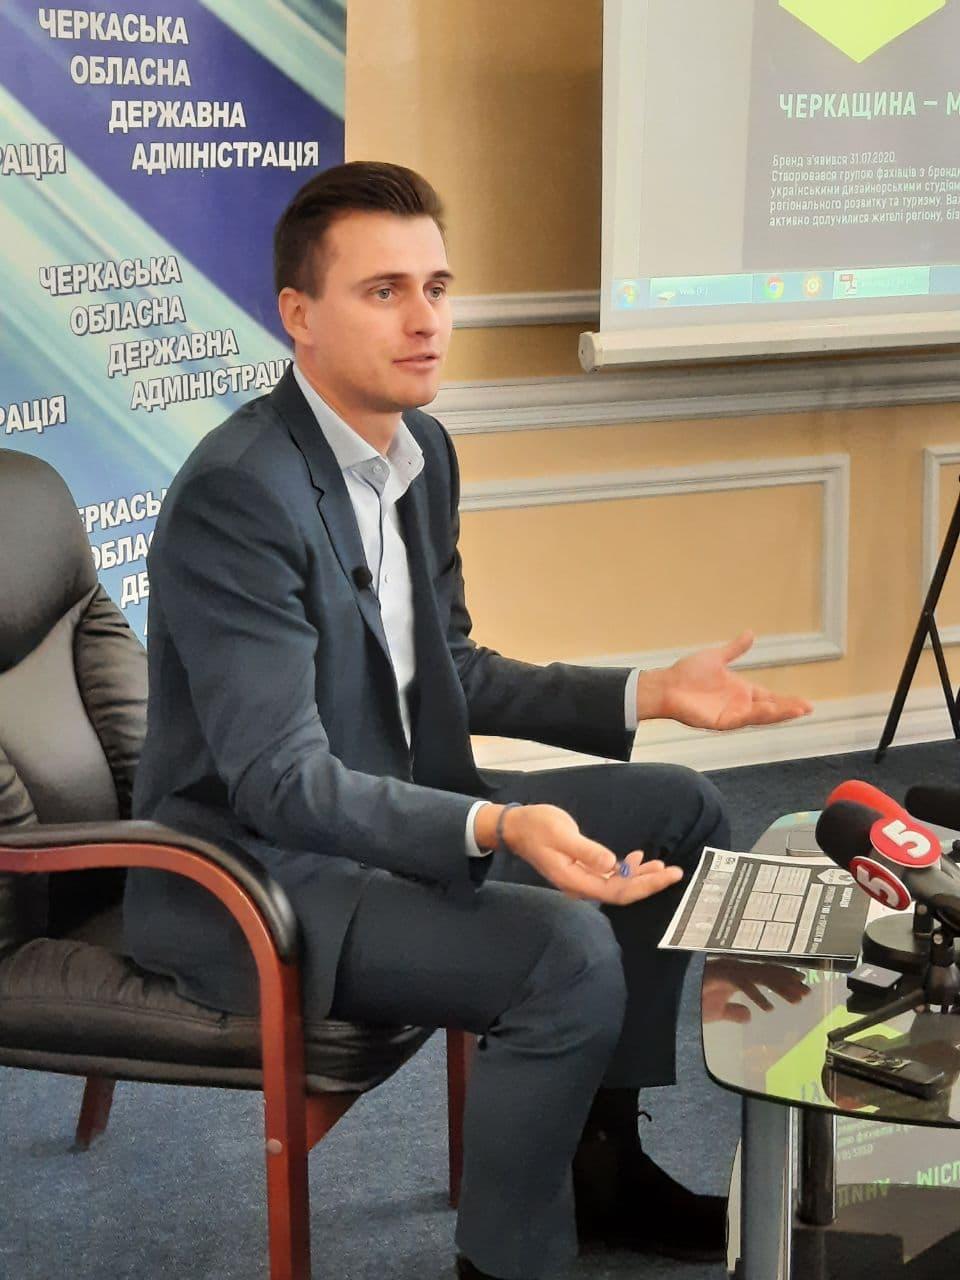 Олександр Скічко: «Черкащина – недооцінена, треба її популяризувати»